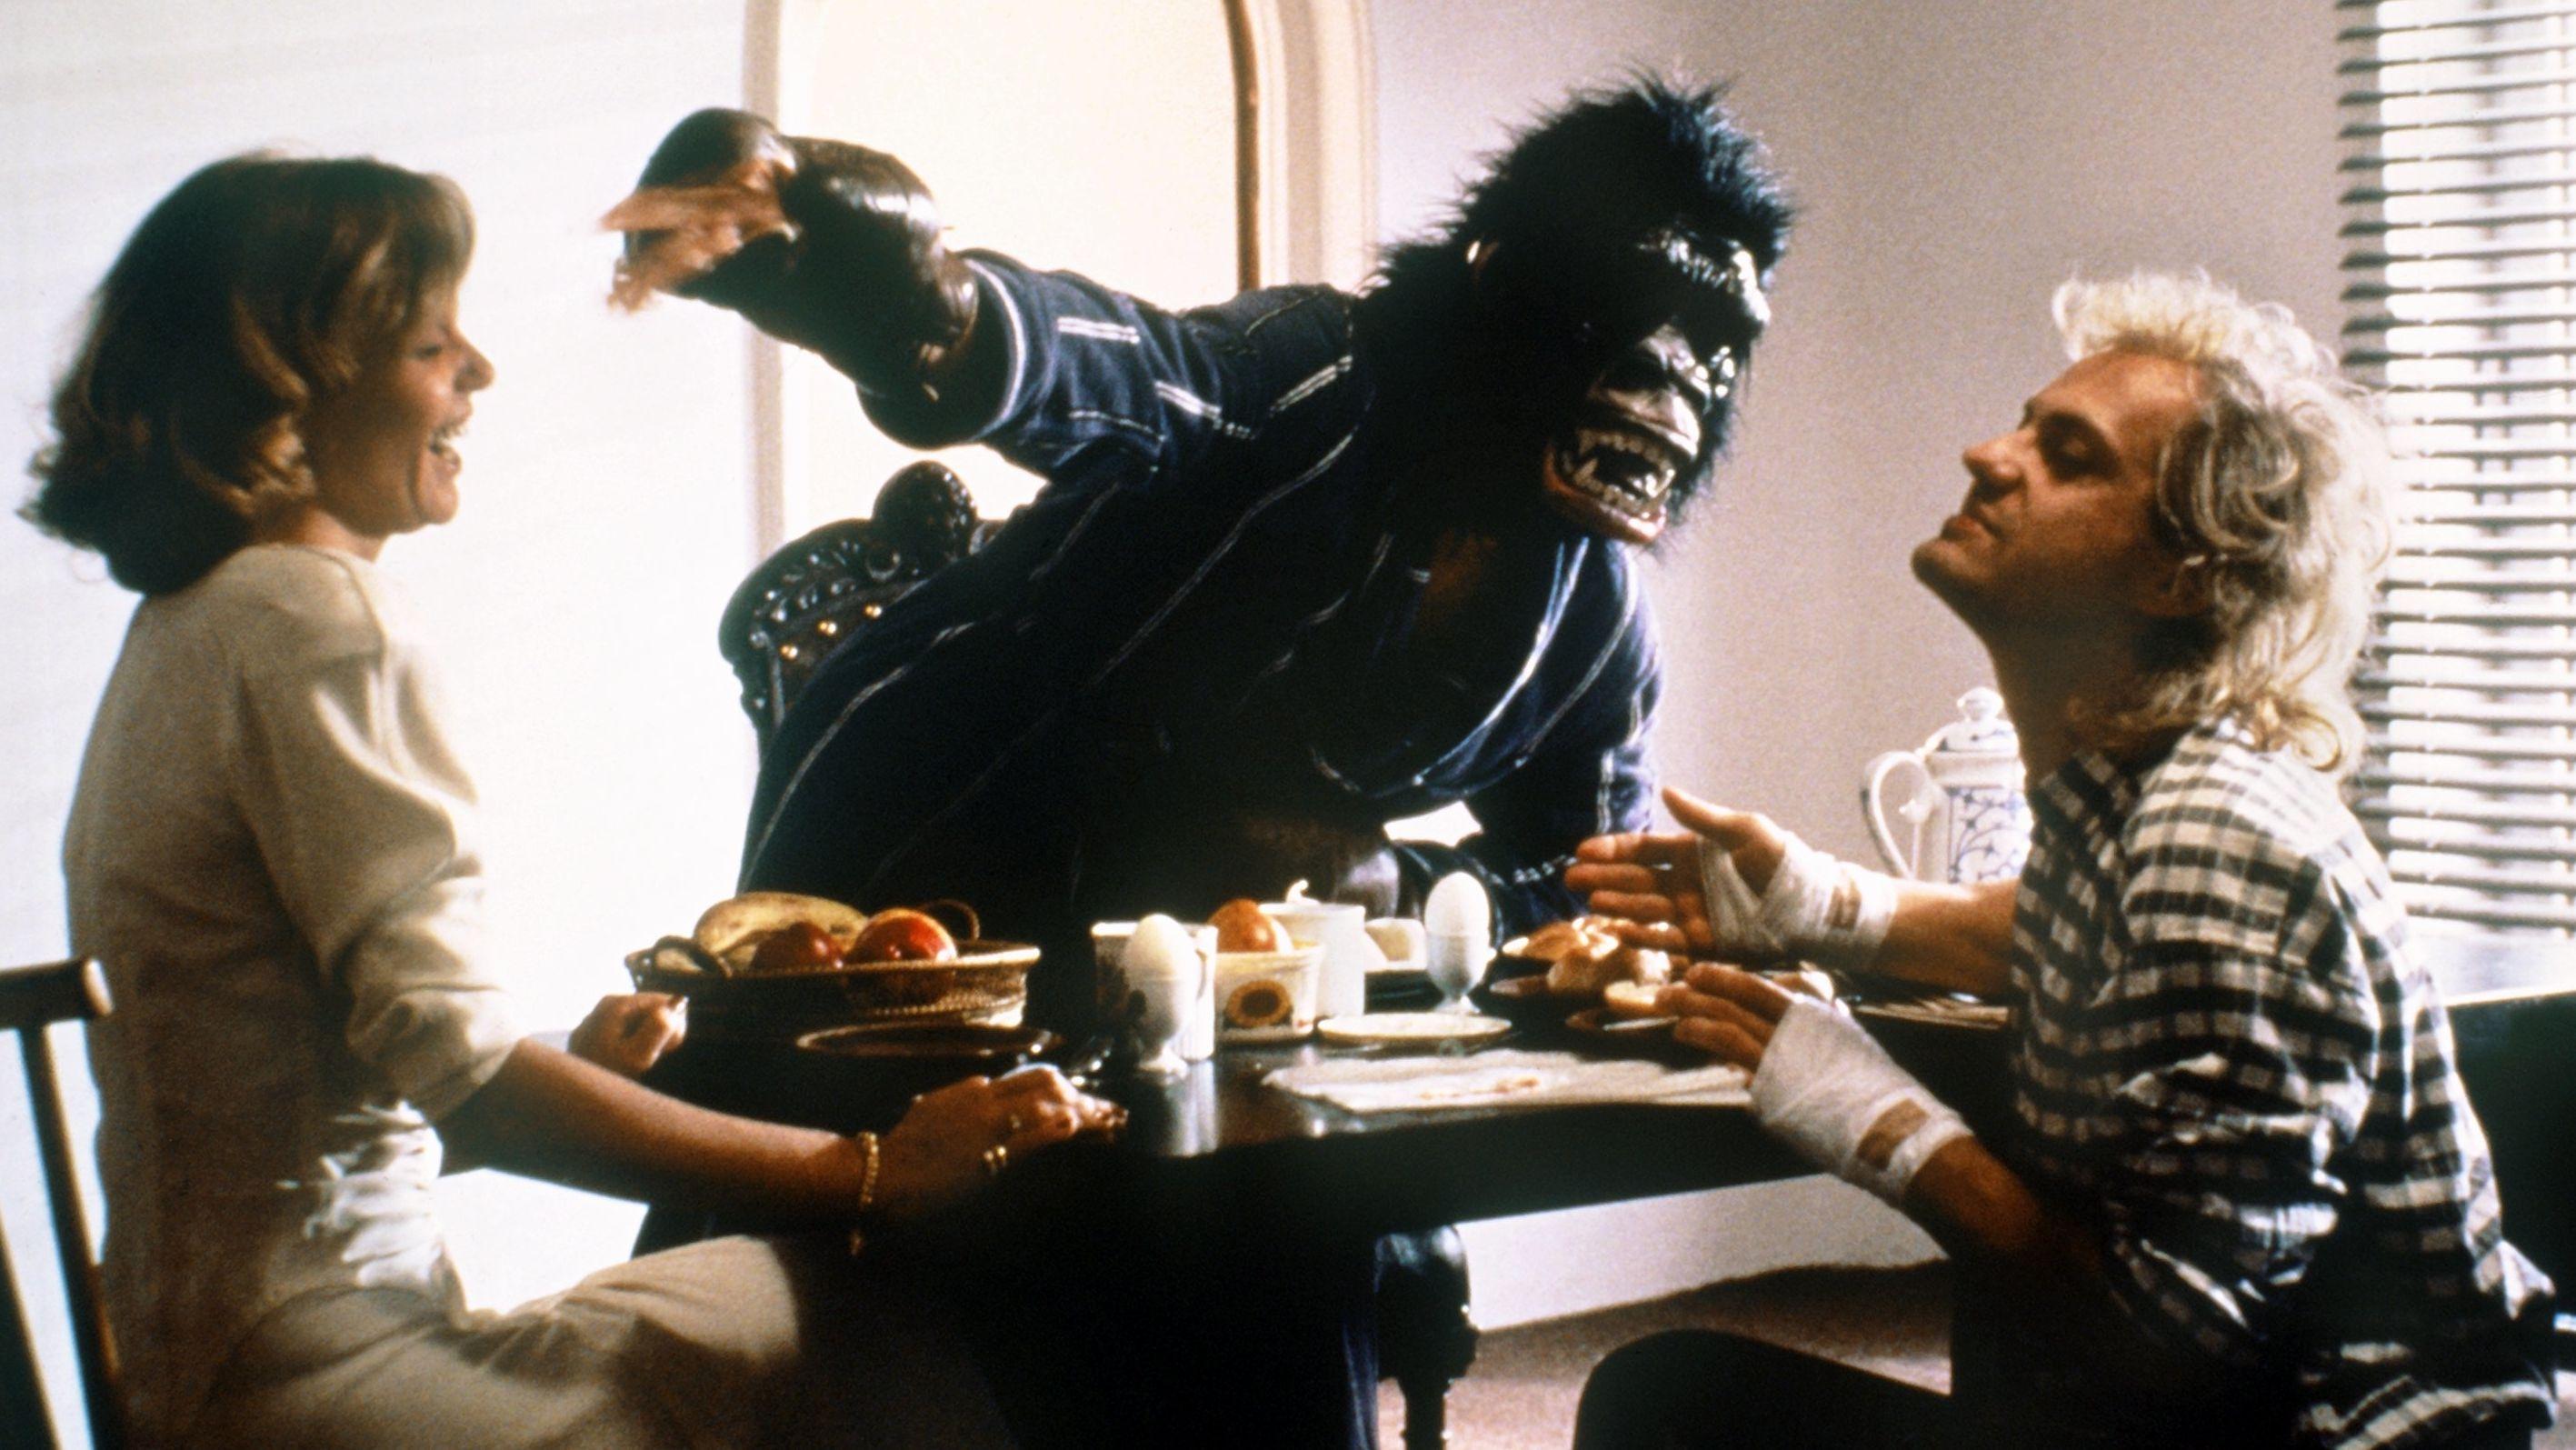 Paula (Ulrike Kriener, l) und ihr Liebhaber Stefan (Uwe Ochsenknecht, r) haben gut lachen, noch wissen sie nicht, daß sich unter der Affenmaske der betrogene Ehemann Julius, gespielt von Heiner Lauterbach, verbirgt.